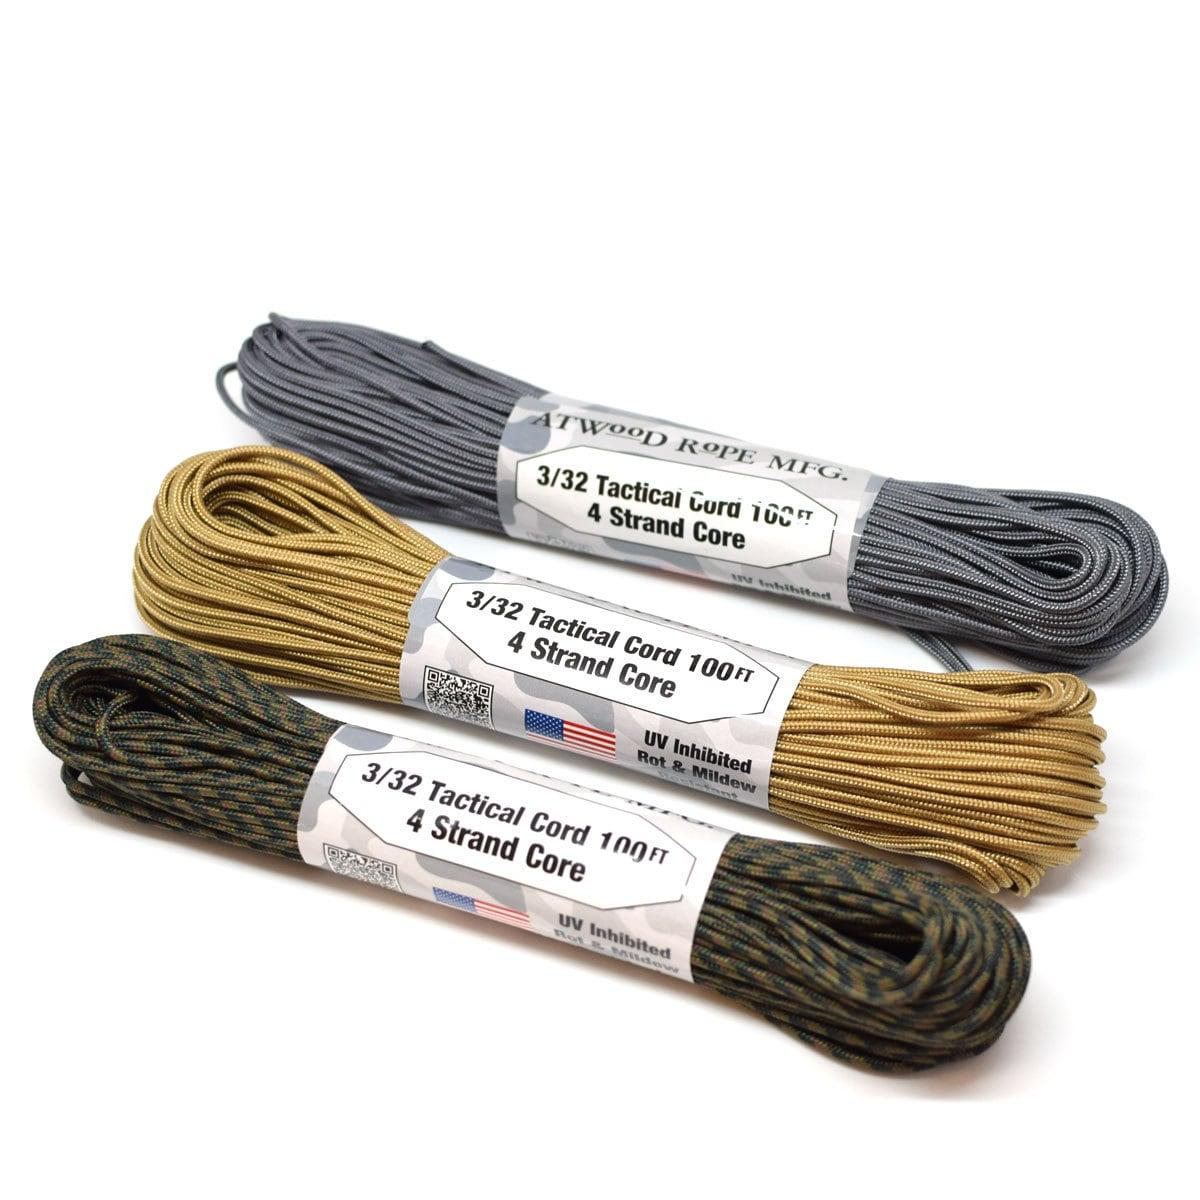 Atwood Rope MFG(アトウッドロープ)タクティカルコード 30m